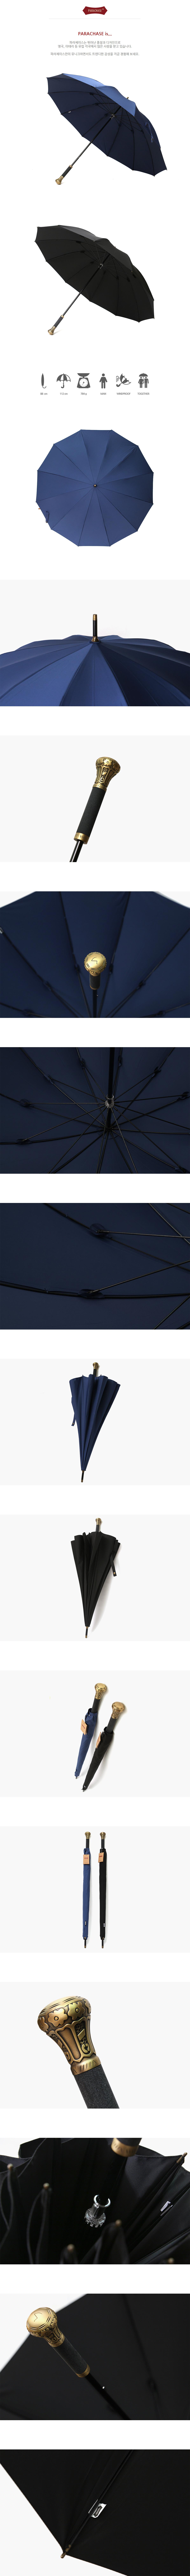 파라체이스(PARACHASE) 1114 프리미엄 메탈 그립 남성 수동 장우산